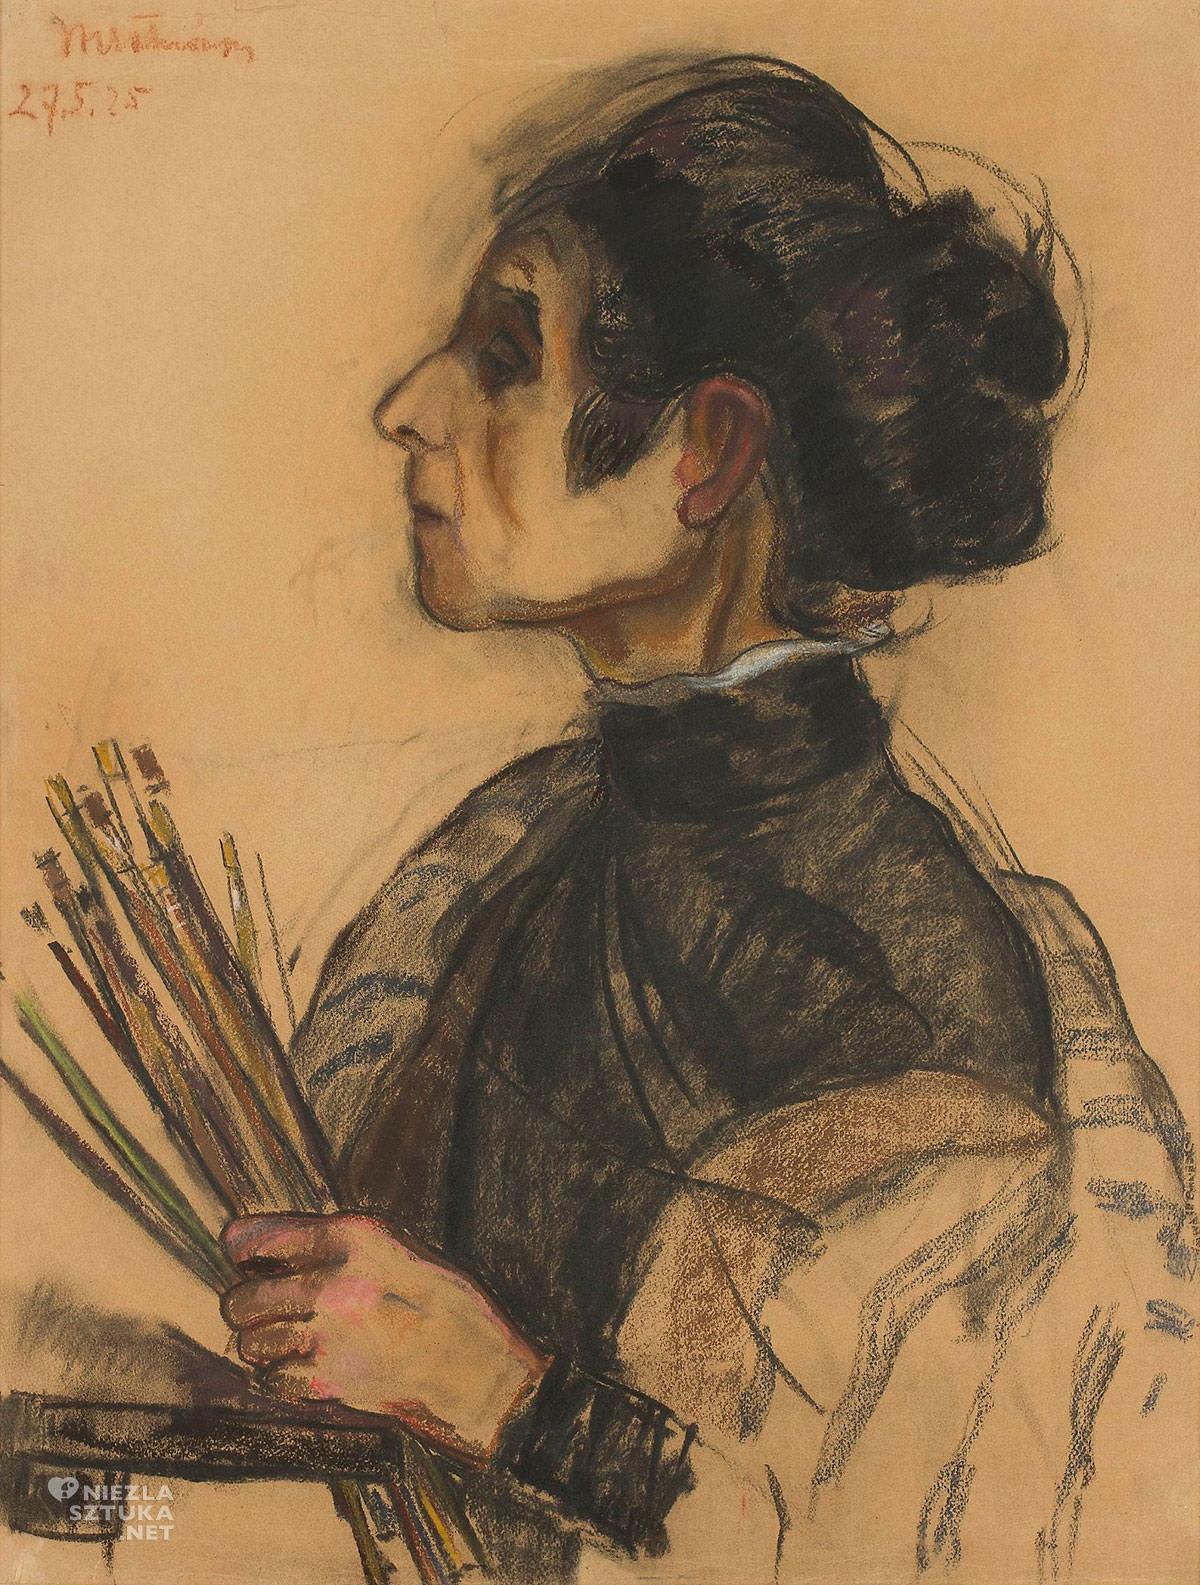 Wanda Chełmońska, Olga Boznańska, Muzeum Narodowe w Warszawie, portret, polska sztuka, sztuka polska, Niezła sztuka